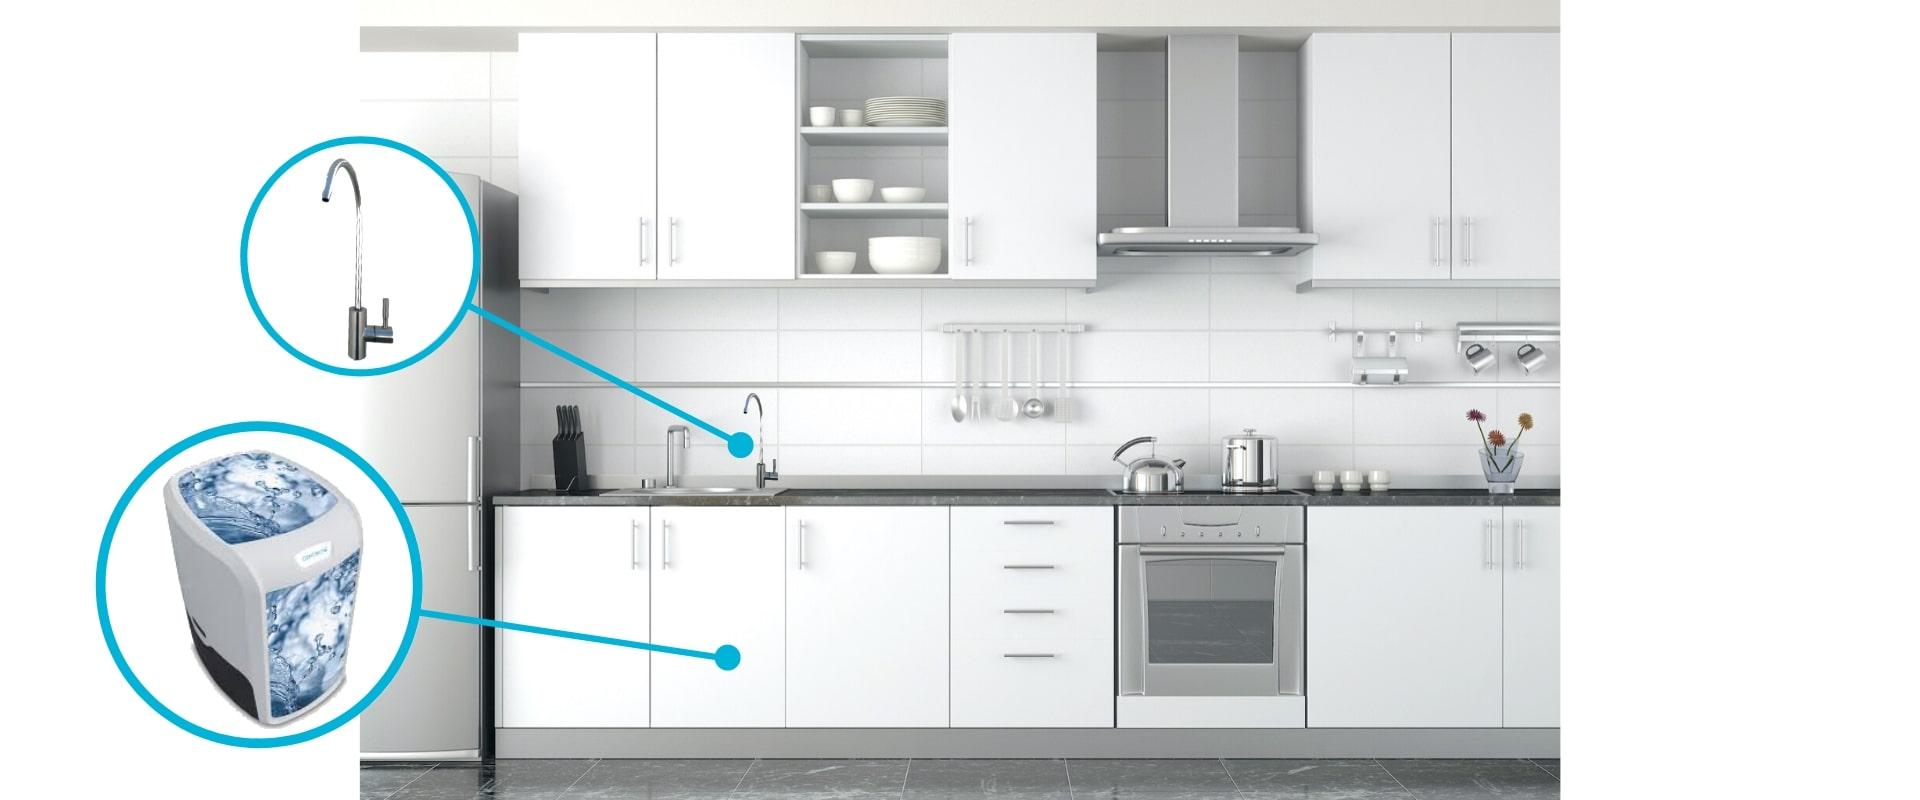 solucoes de aluger de maquinas de filtragem de agua domestica -min